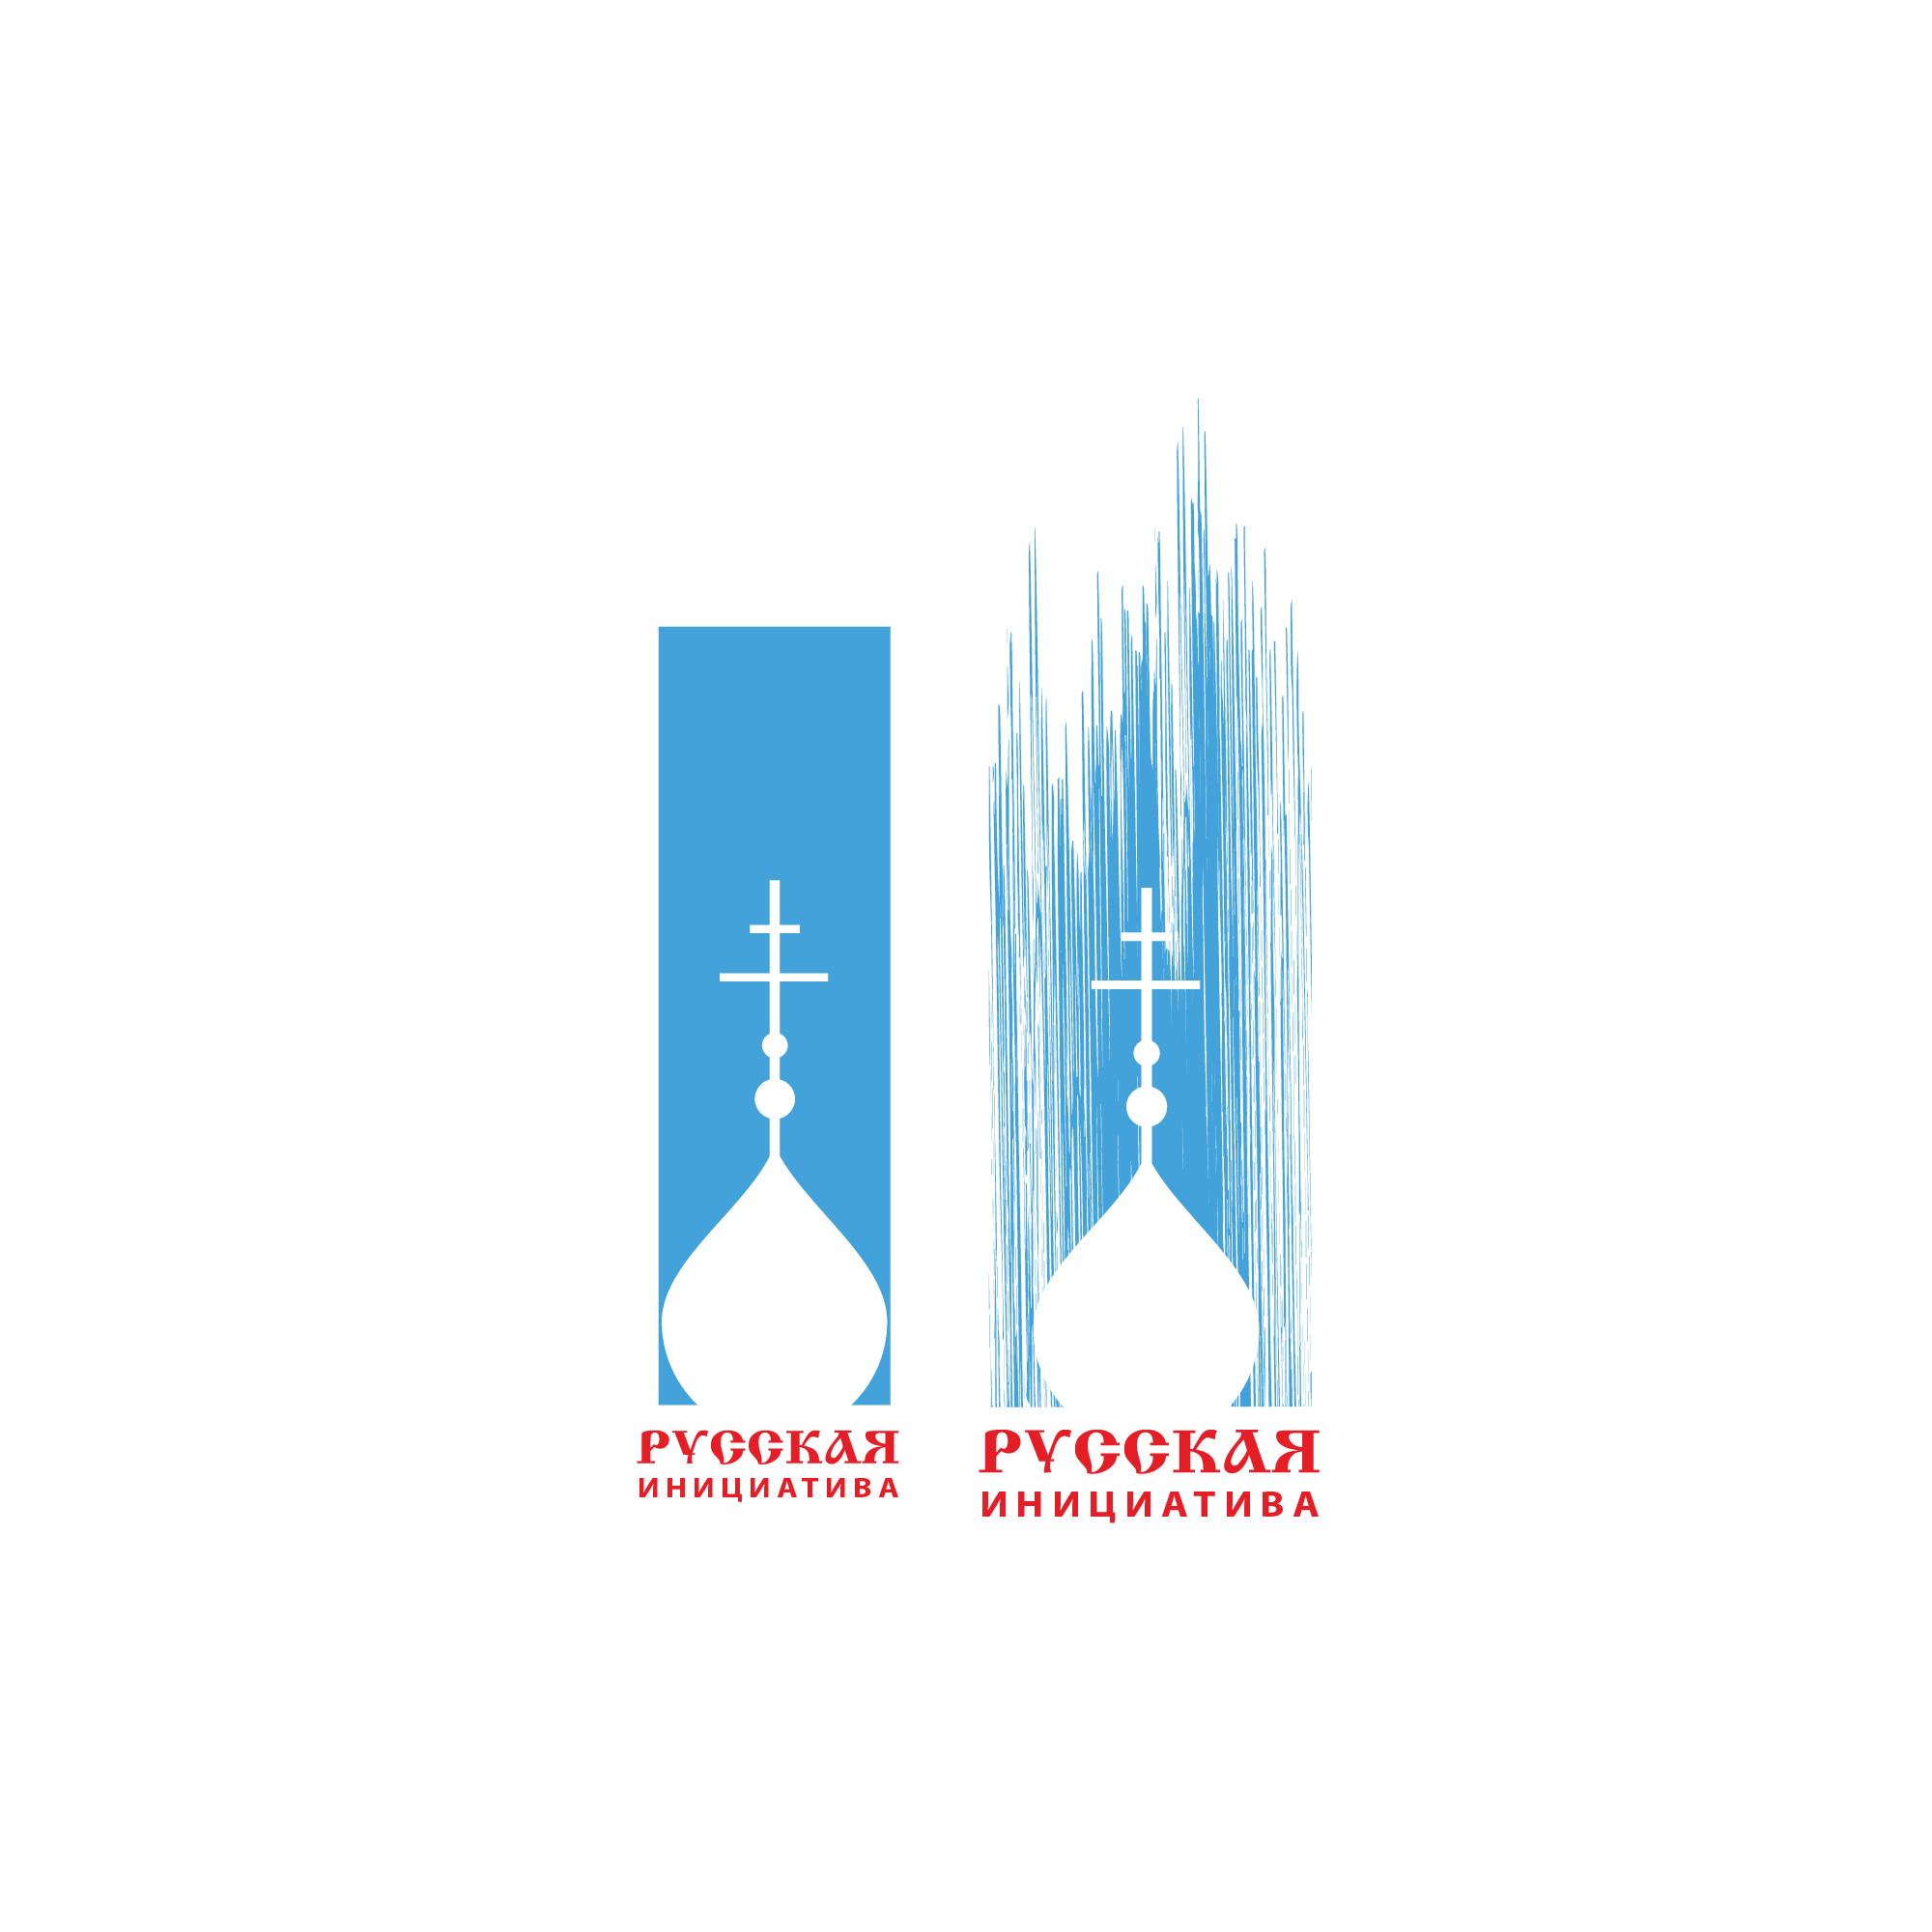 Разработать логотип для организации фото f_8625ec1171229805.jpg